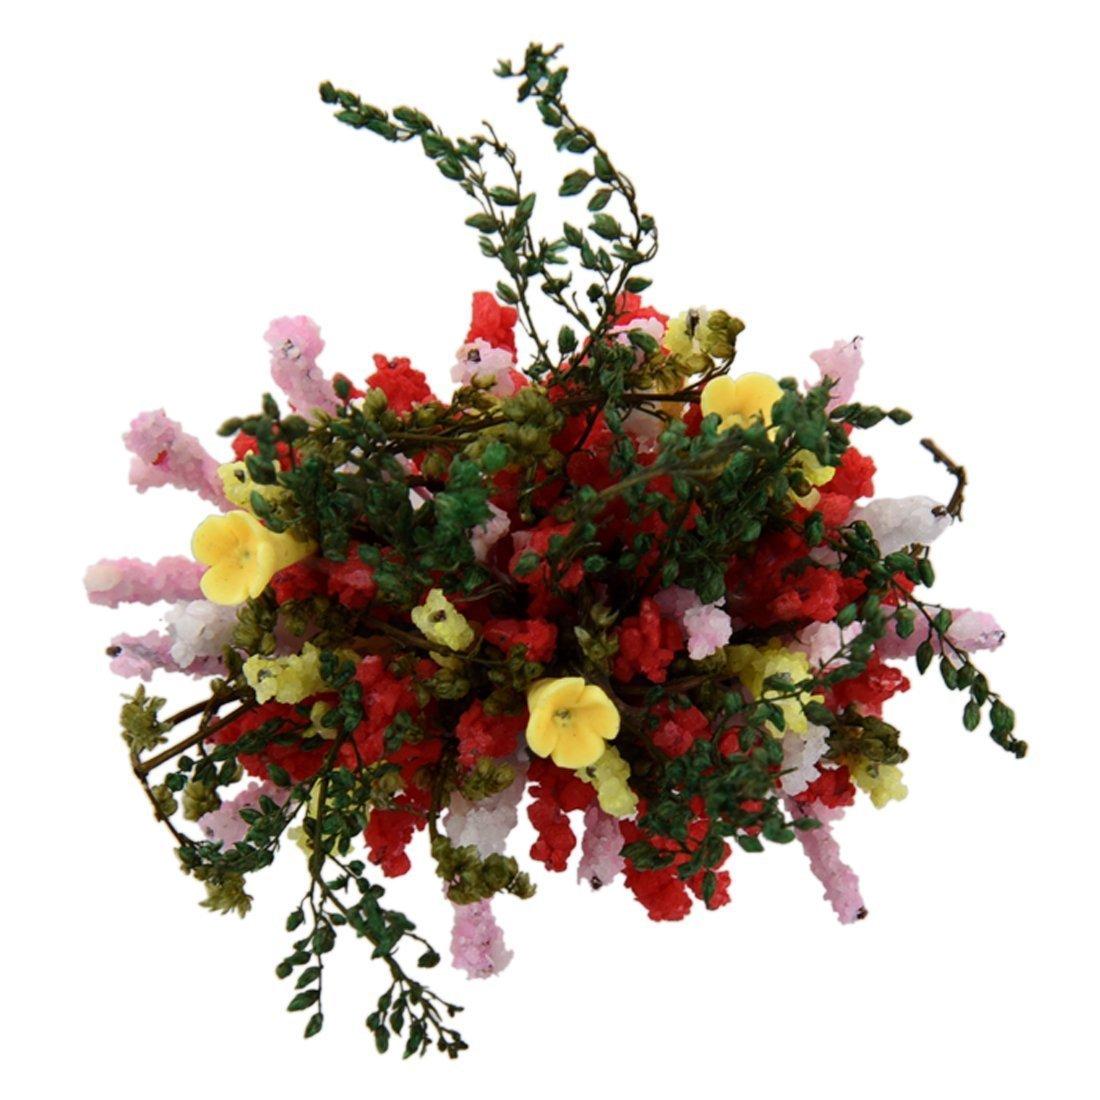 Fleurs Multicolores Miniatures avec Pot de Bois pour Maison de Poupee 1//12 echelle R SODIAL Pot Fleurs